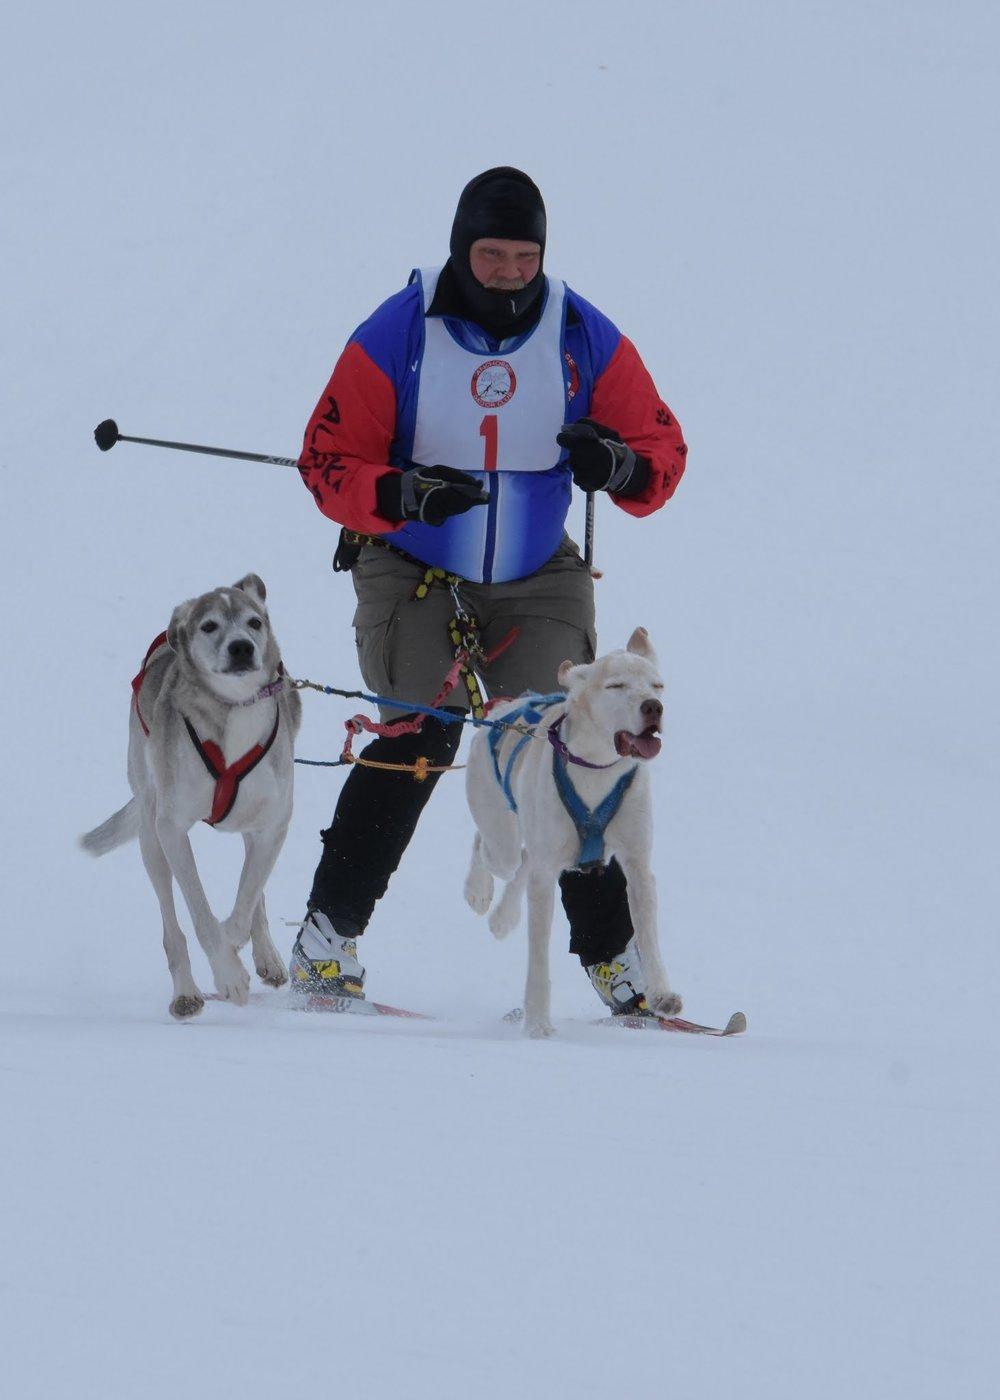 Mike Malvick with Taos and Hazel